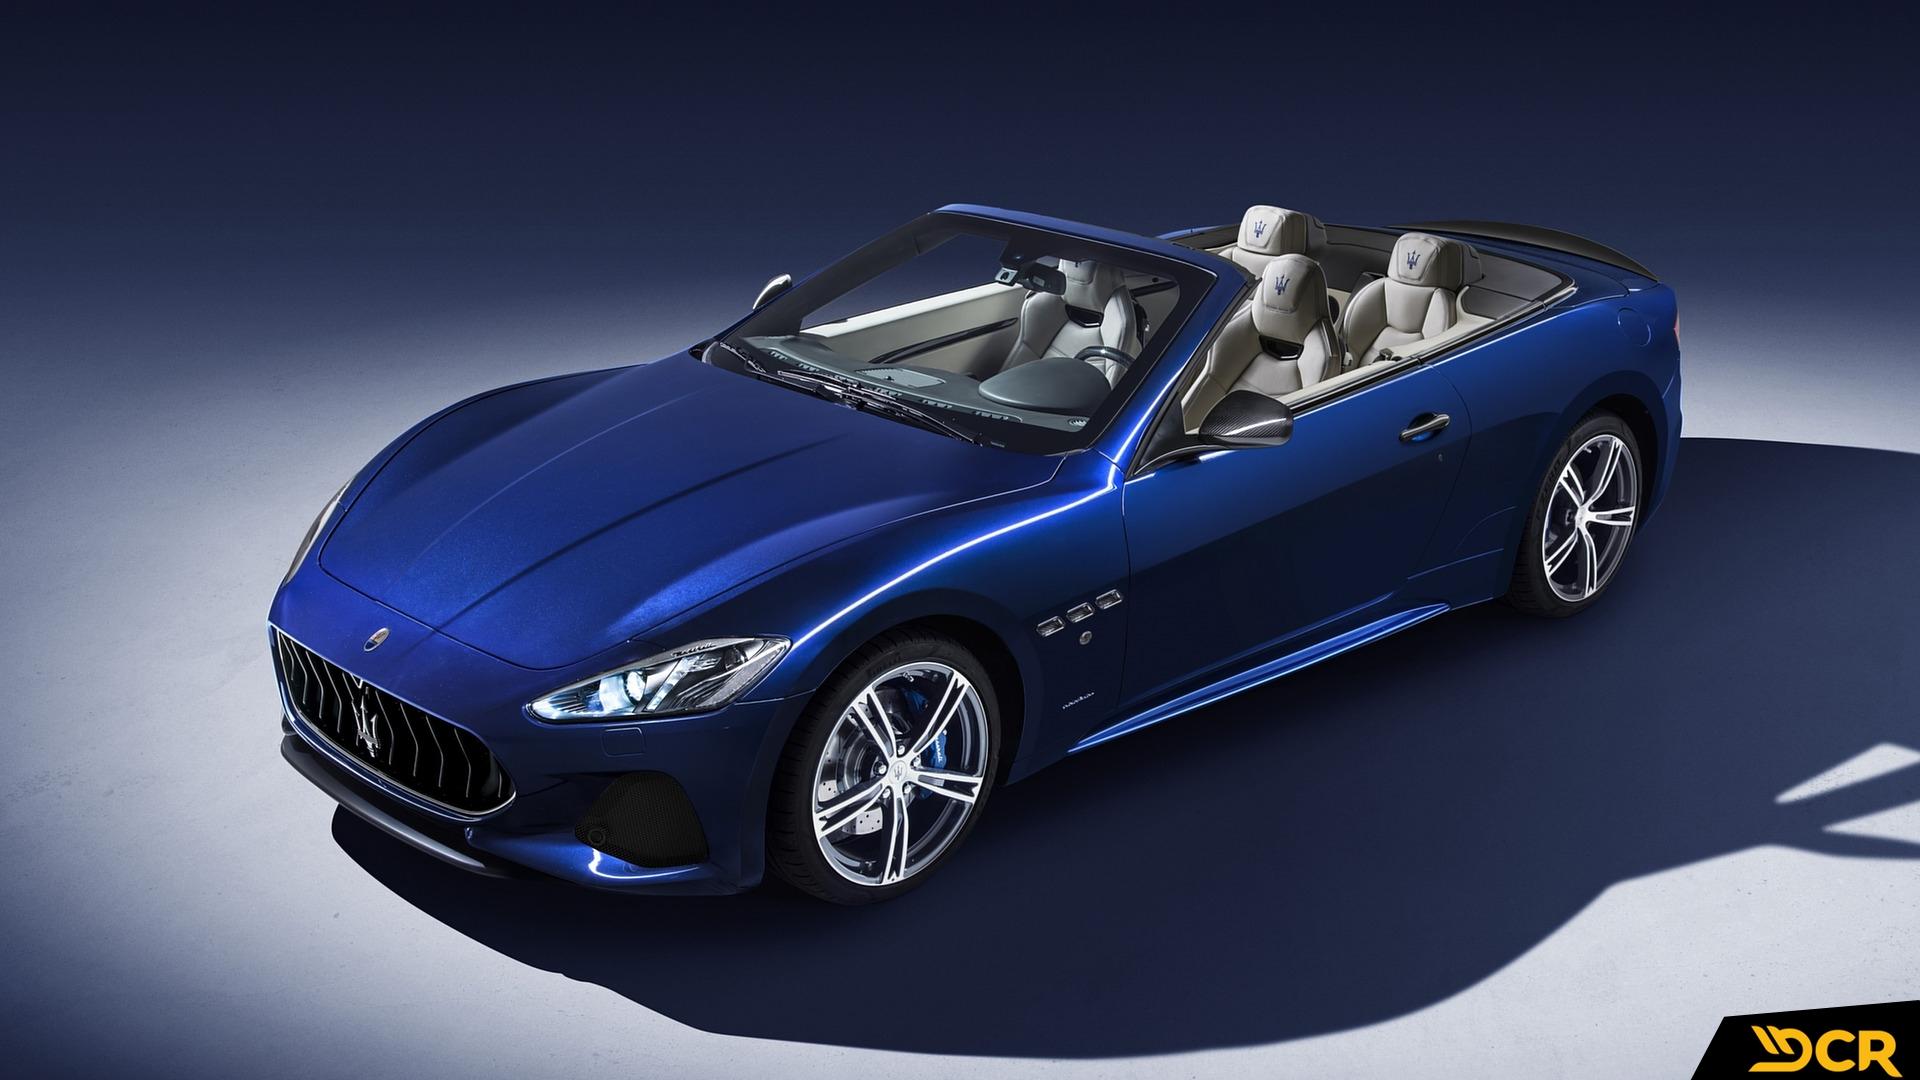 استئجار Maserati Grancarbrio في دبي